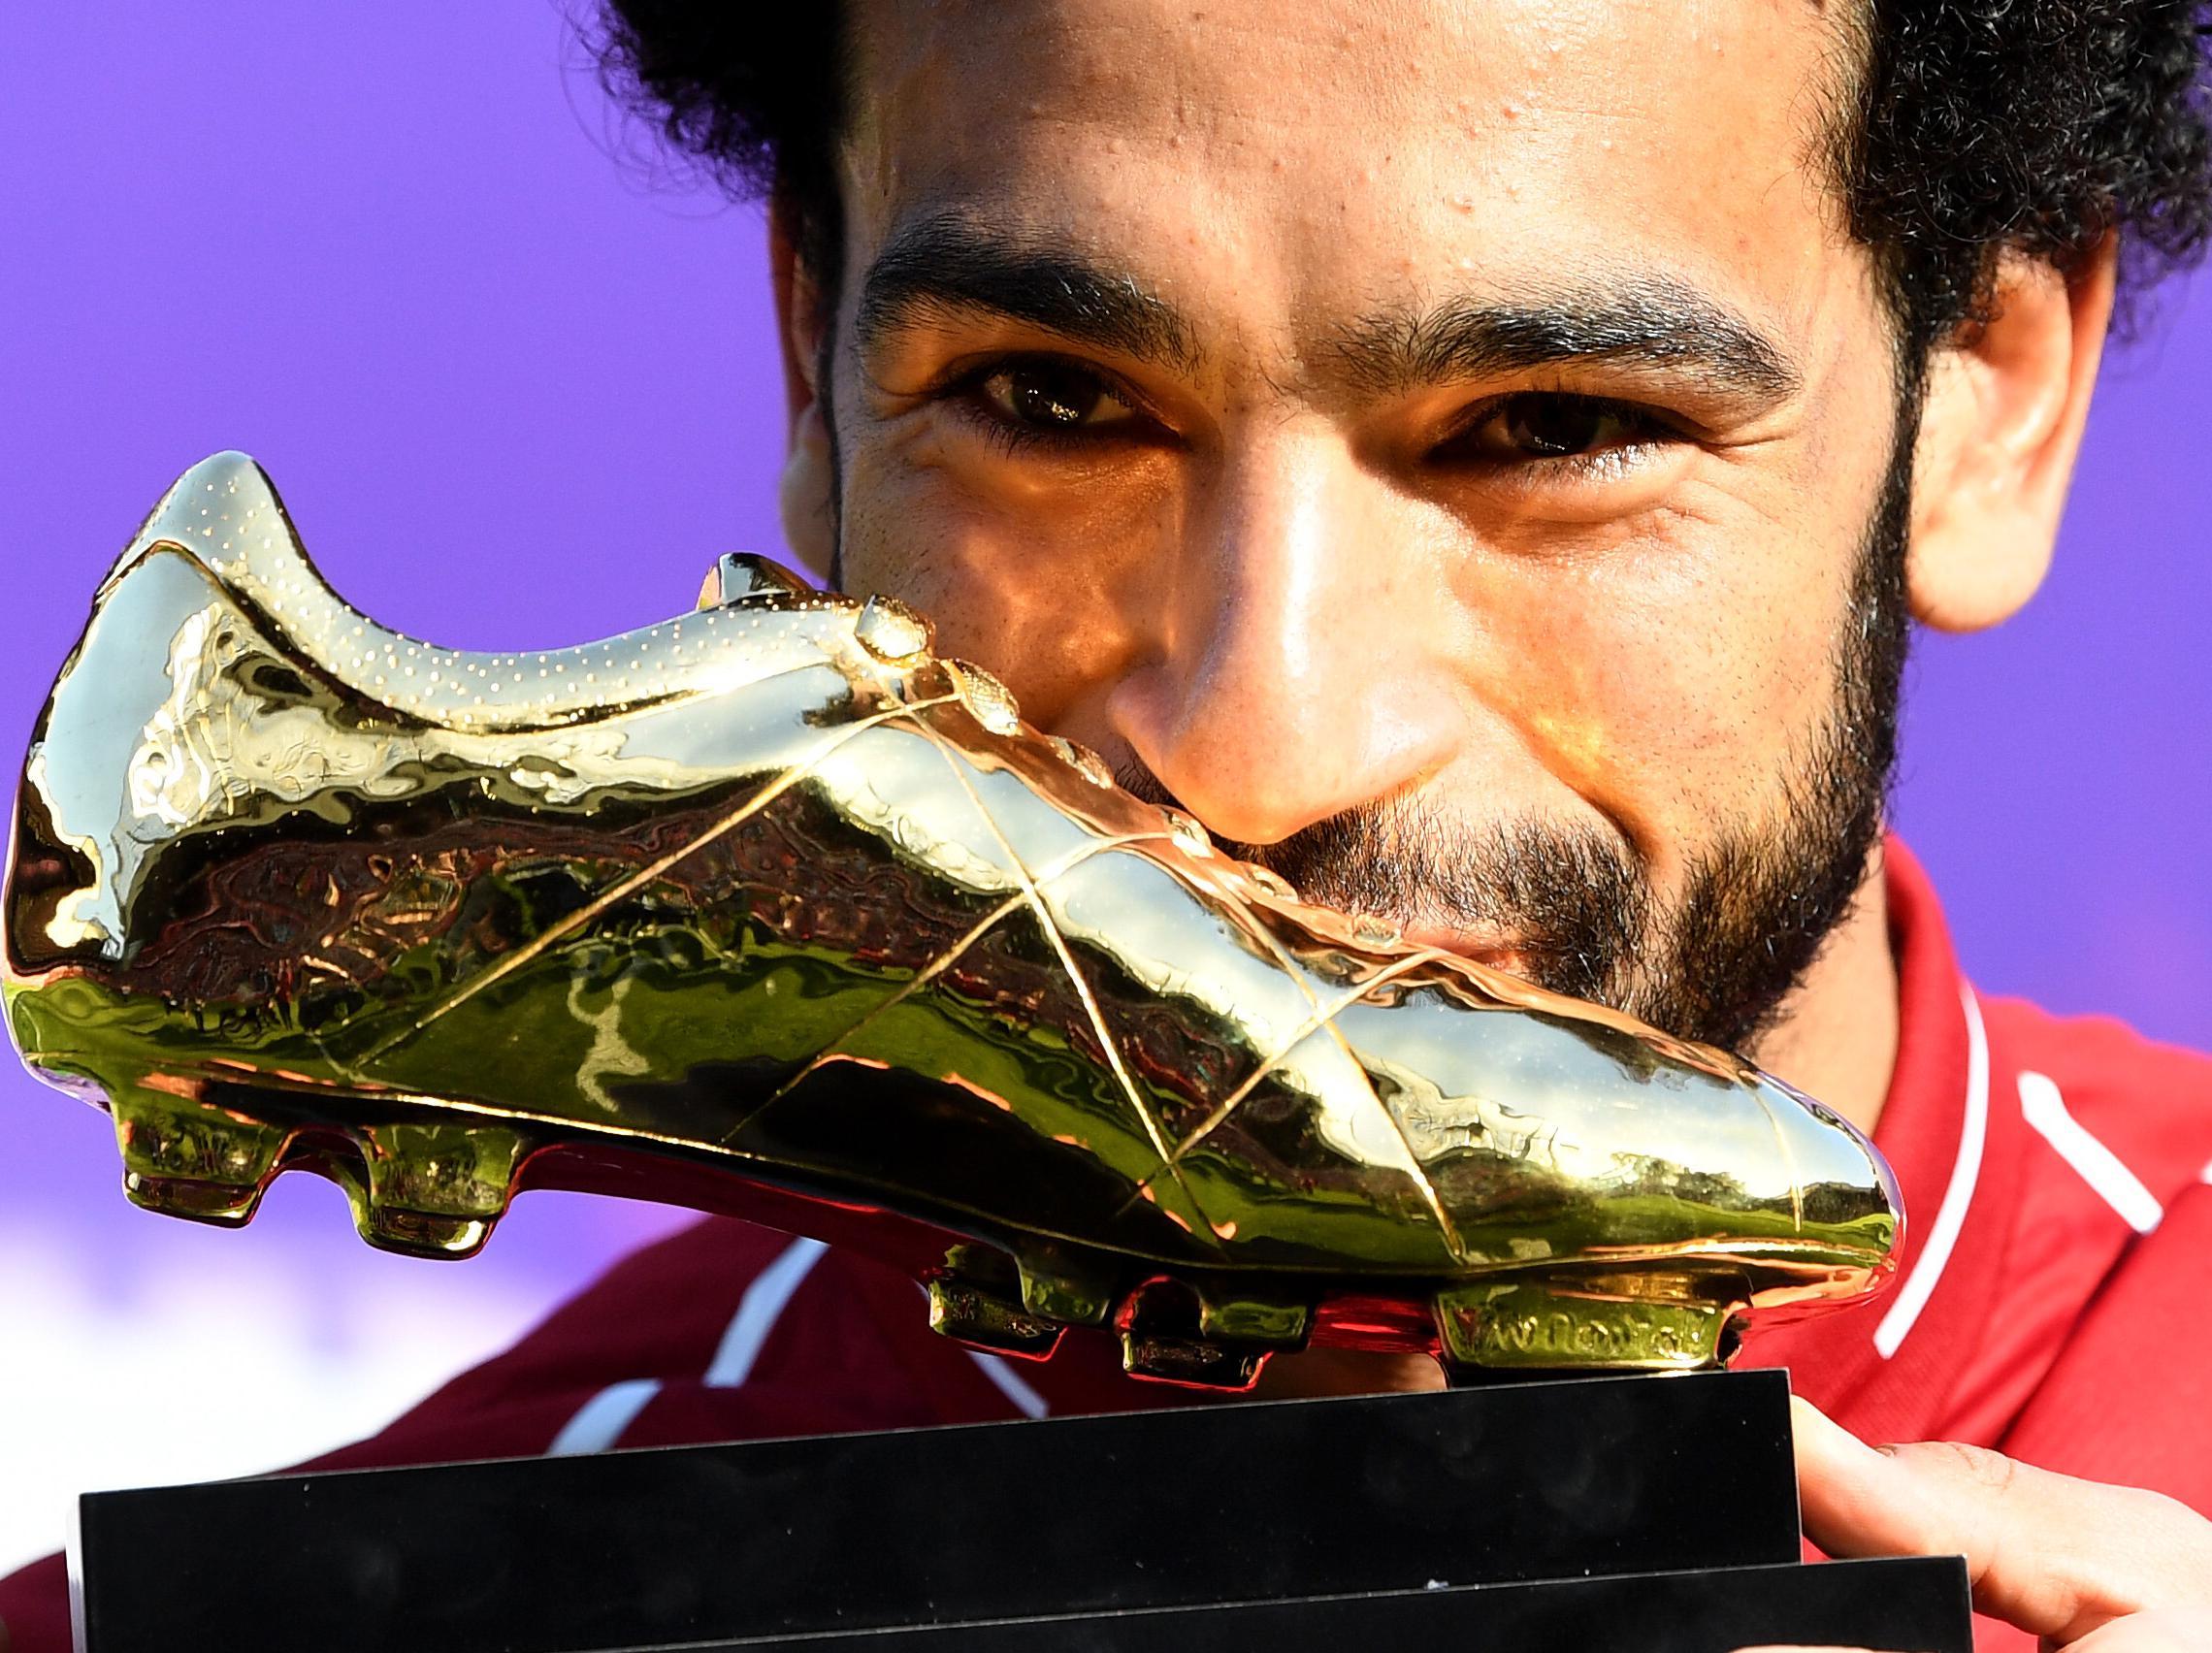 77. Mohamed Salah